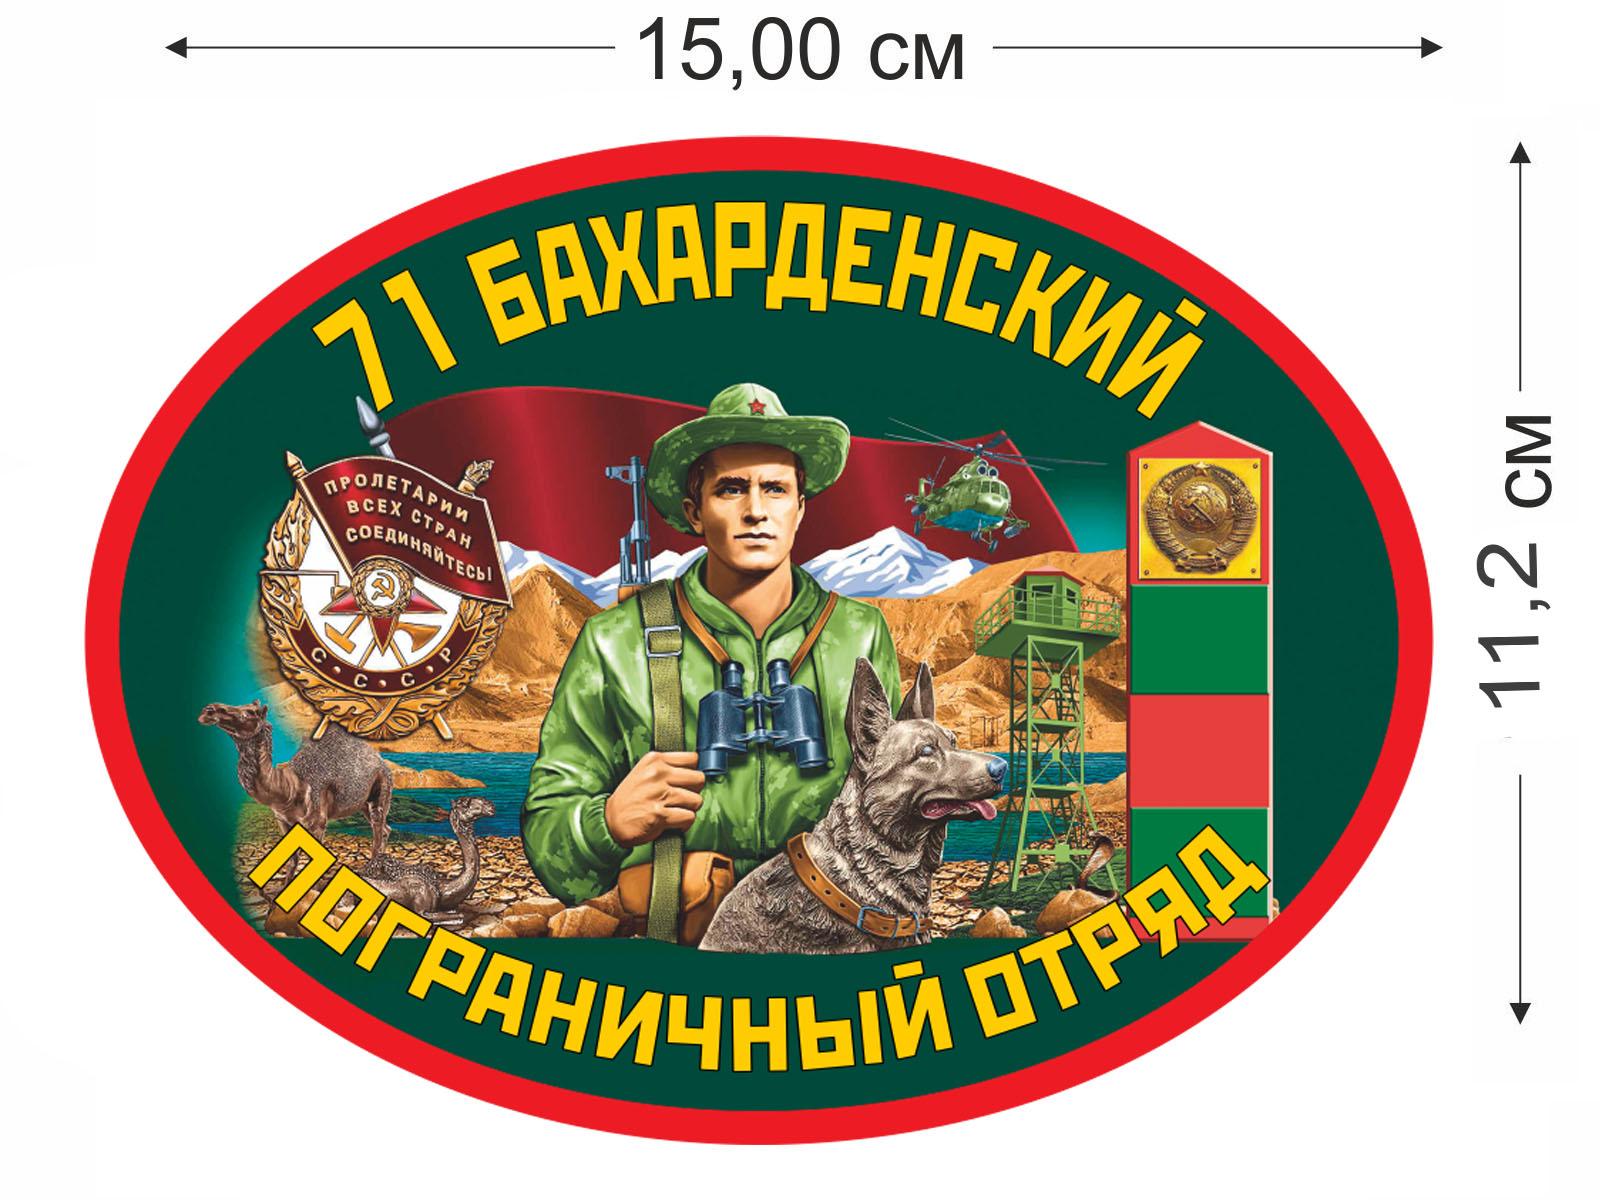 Купить наклейку 71 Бахарденский ПО